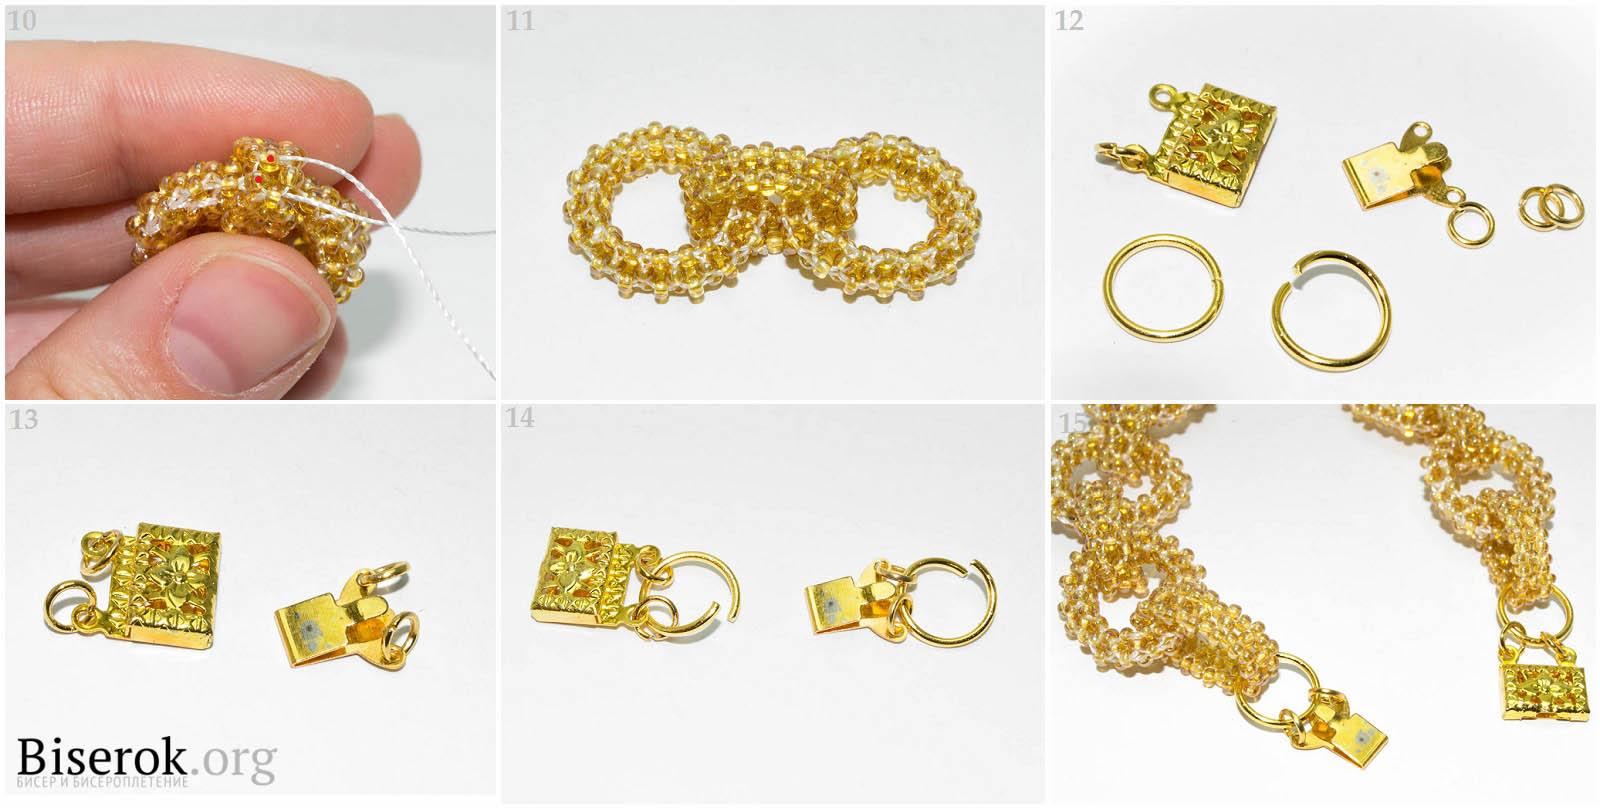 Ювелирные изделия: cерьги, кольца, браслеты, цепочки из 20